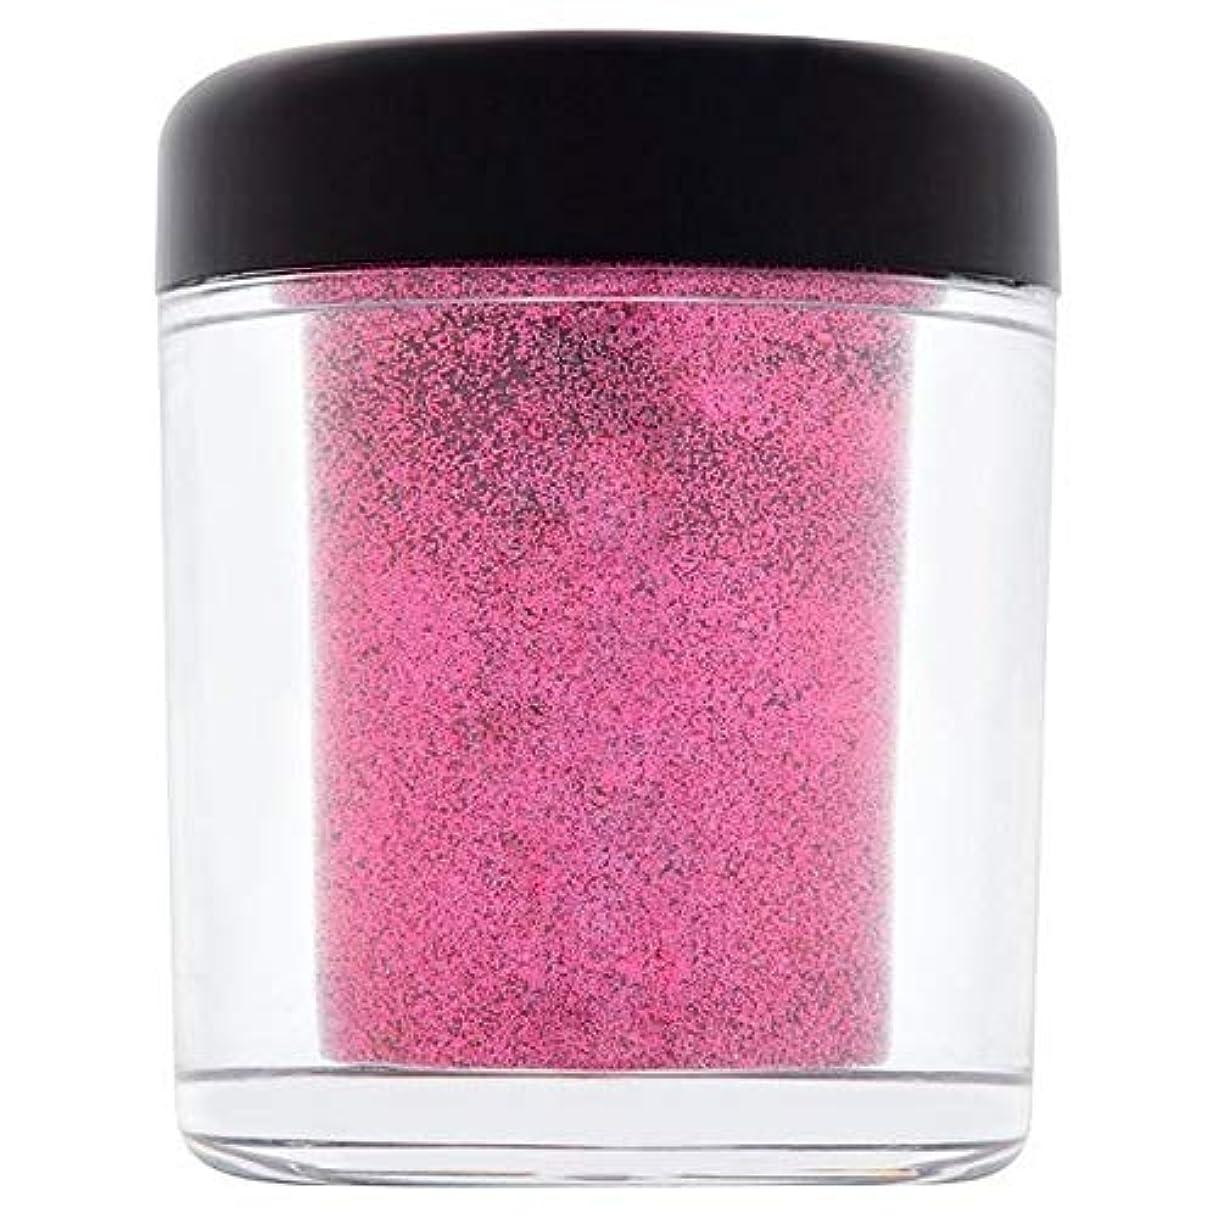 フロンティア解放する先に[Collection ] 収集グラムの結晶フェイス&ボディグリッター誘惑4 - Collection Glam Crystals Face & Body Glitter Temptation 4 [並行輸入品]